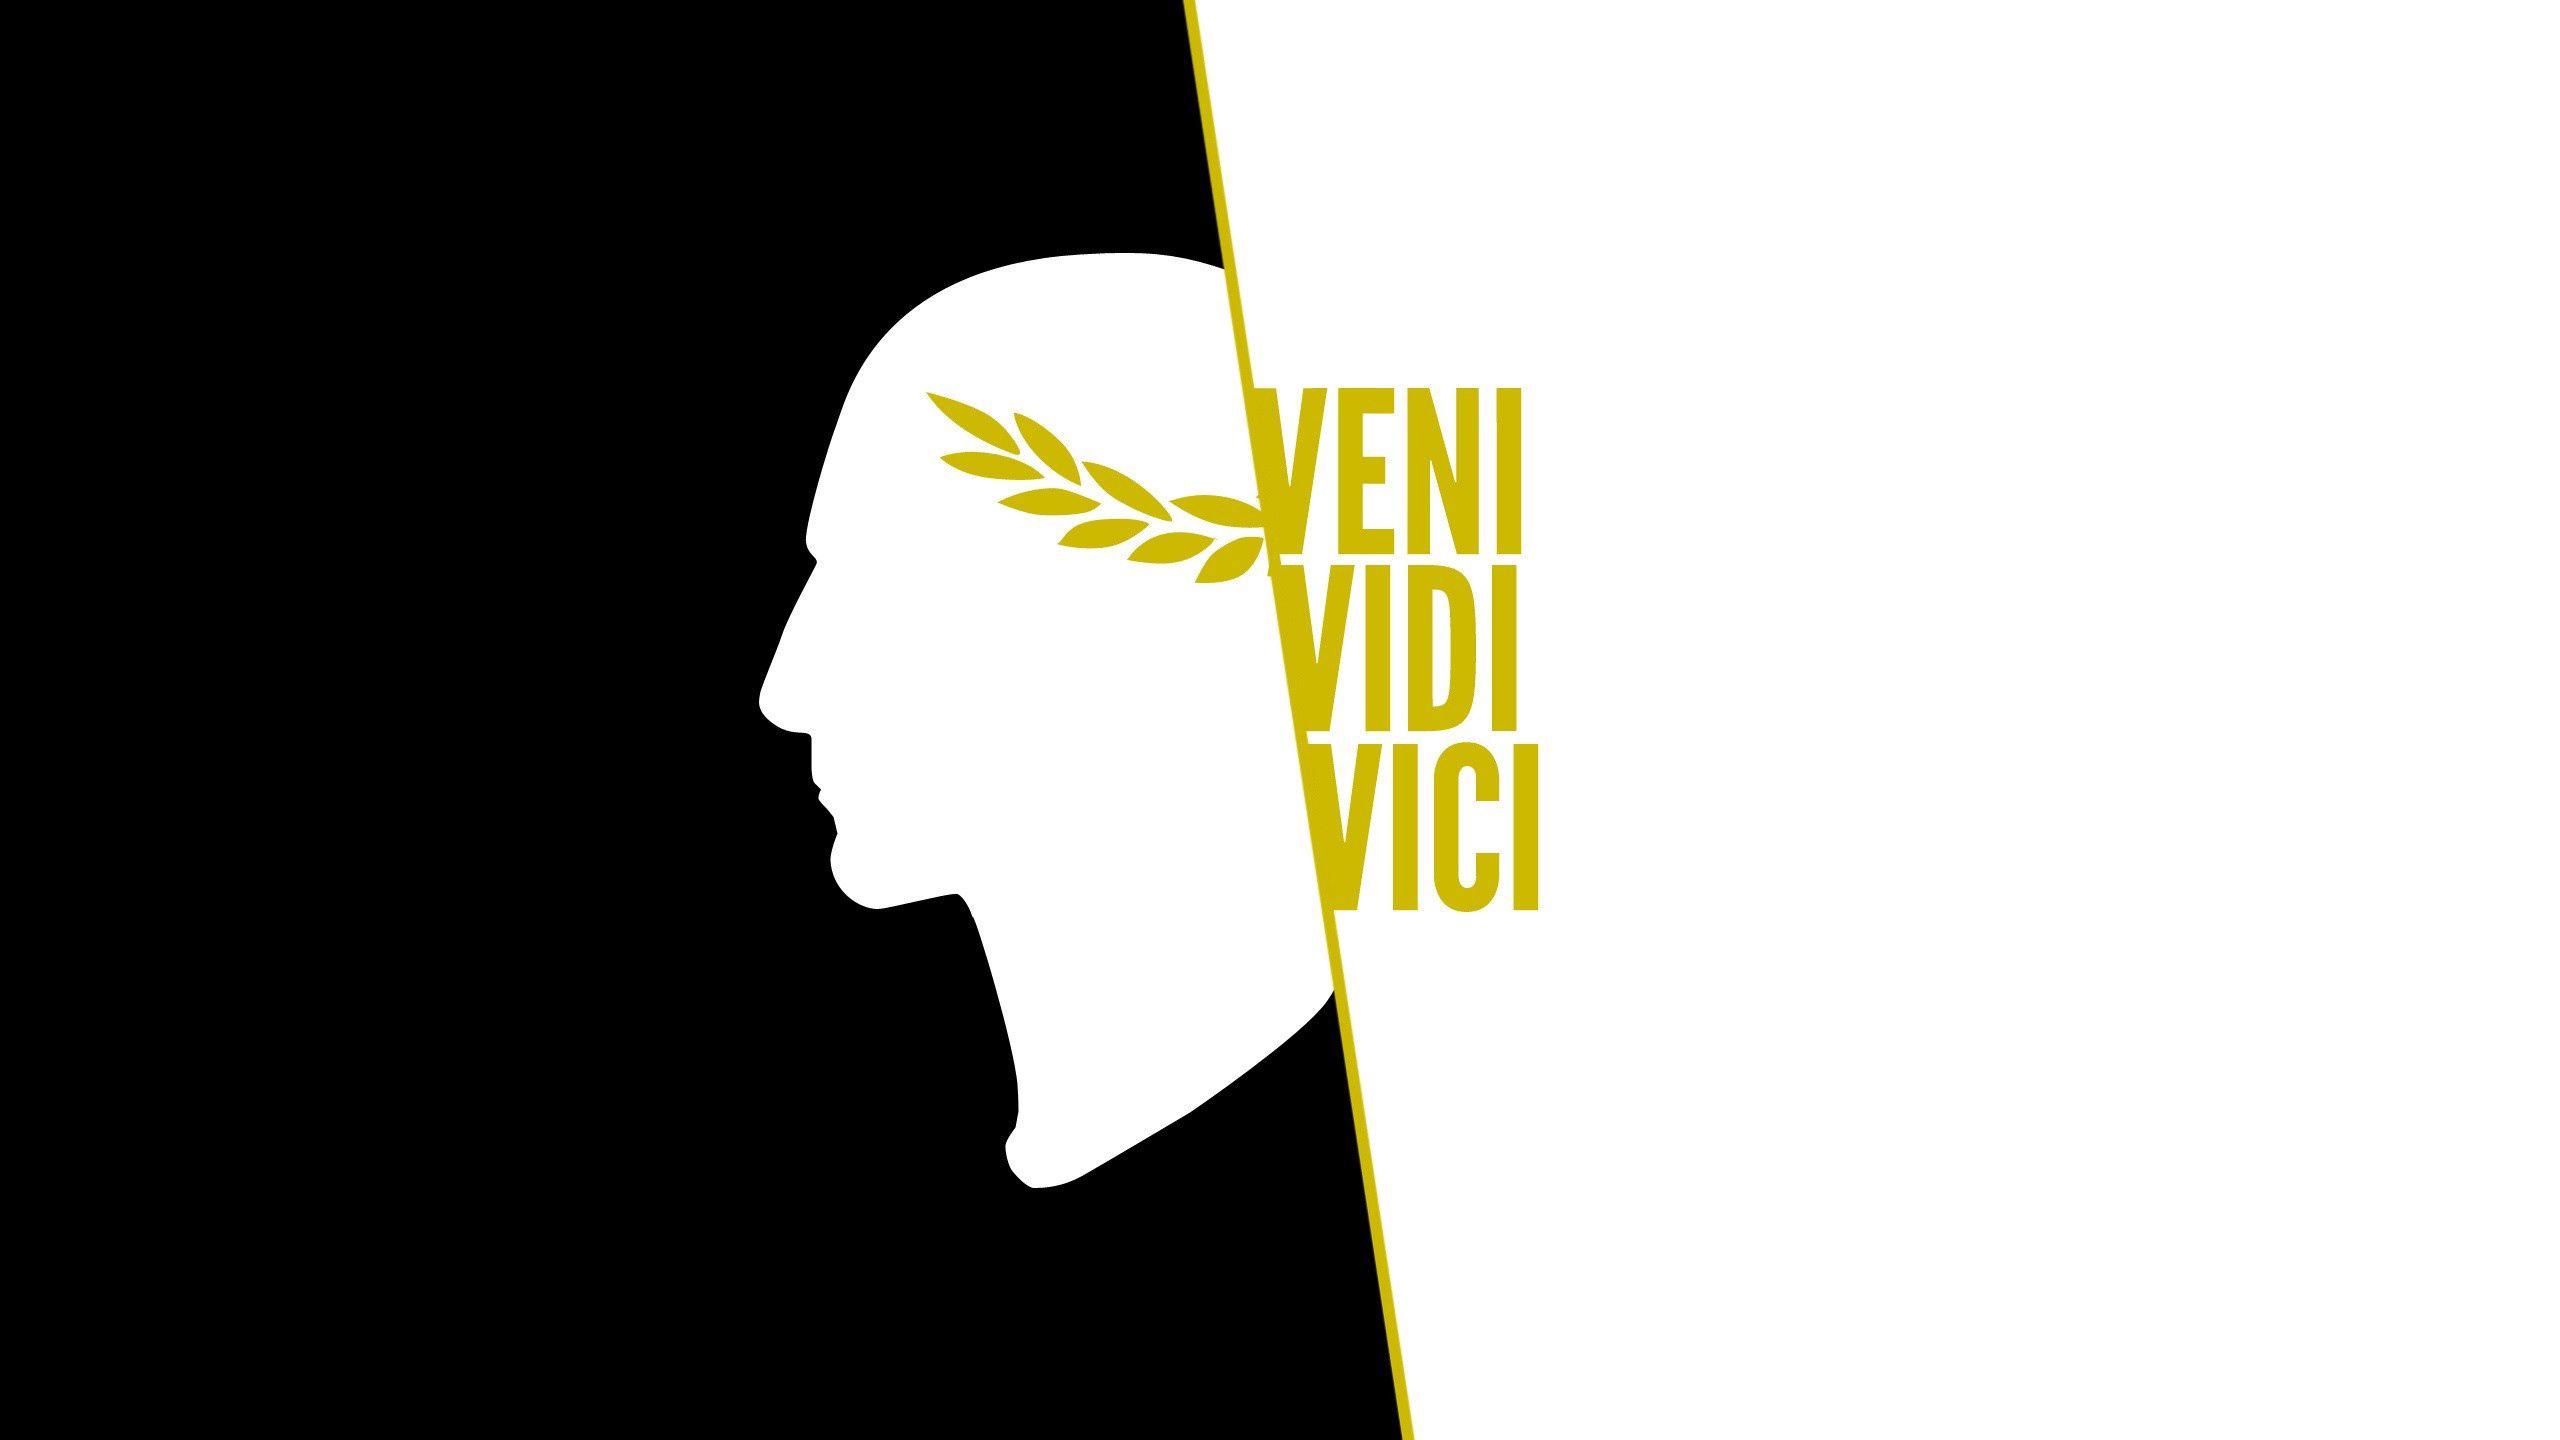 115866 скачать обои Слова, Veni Vidi Vici, Юлий Цезарь, Арт - заставки и картинки бесплатно